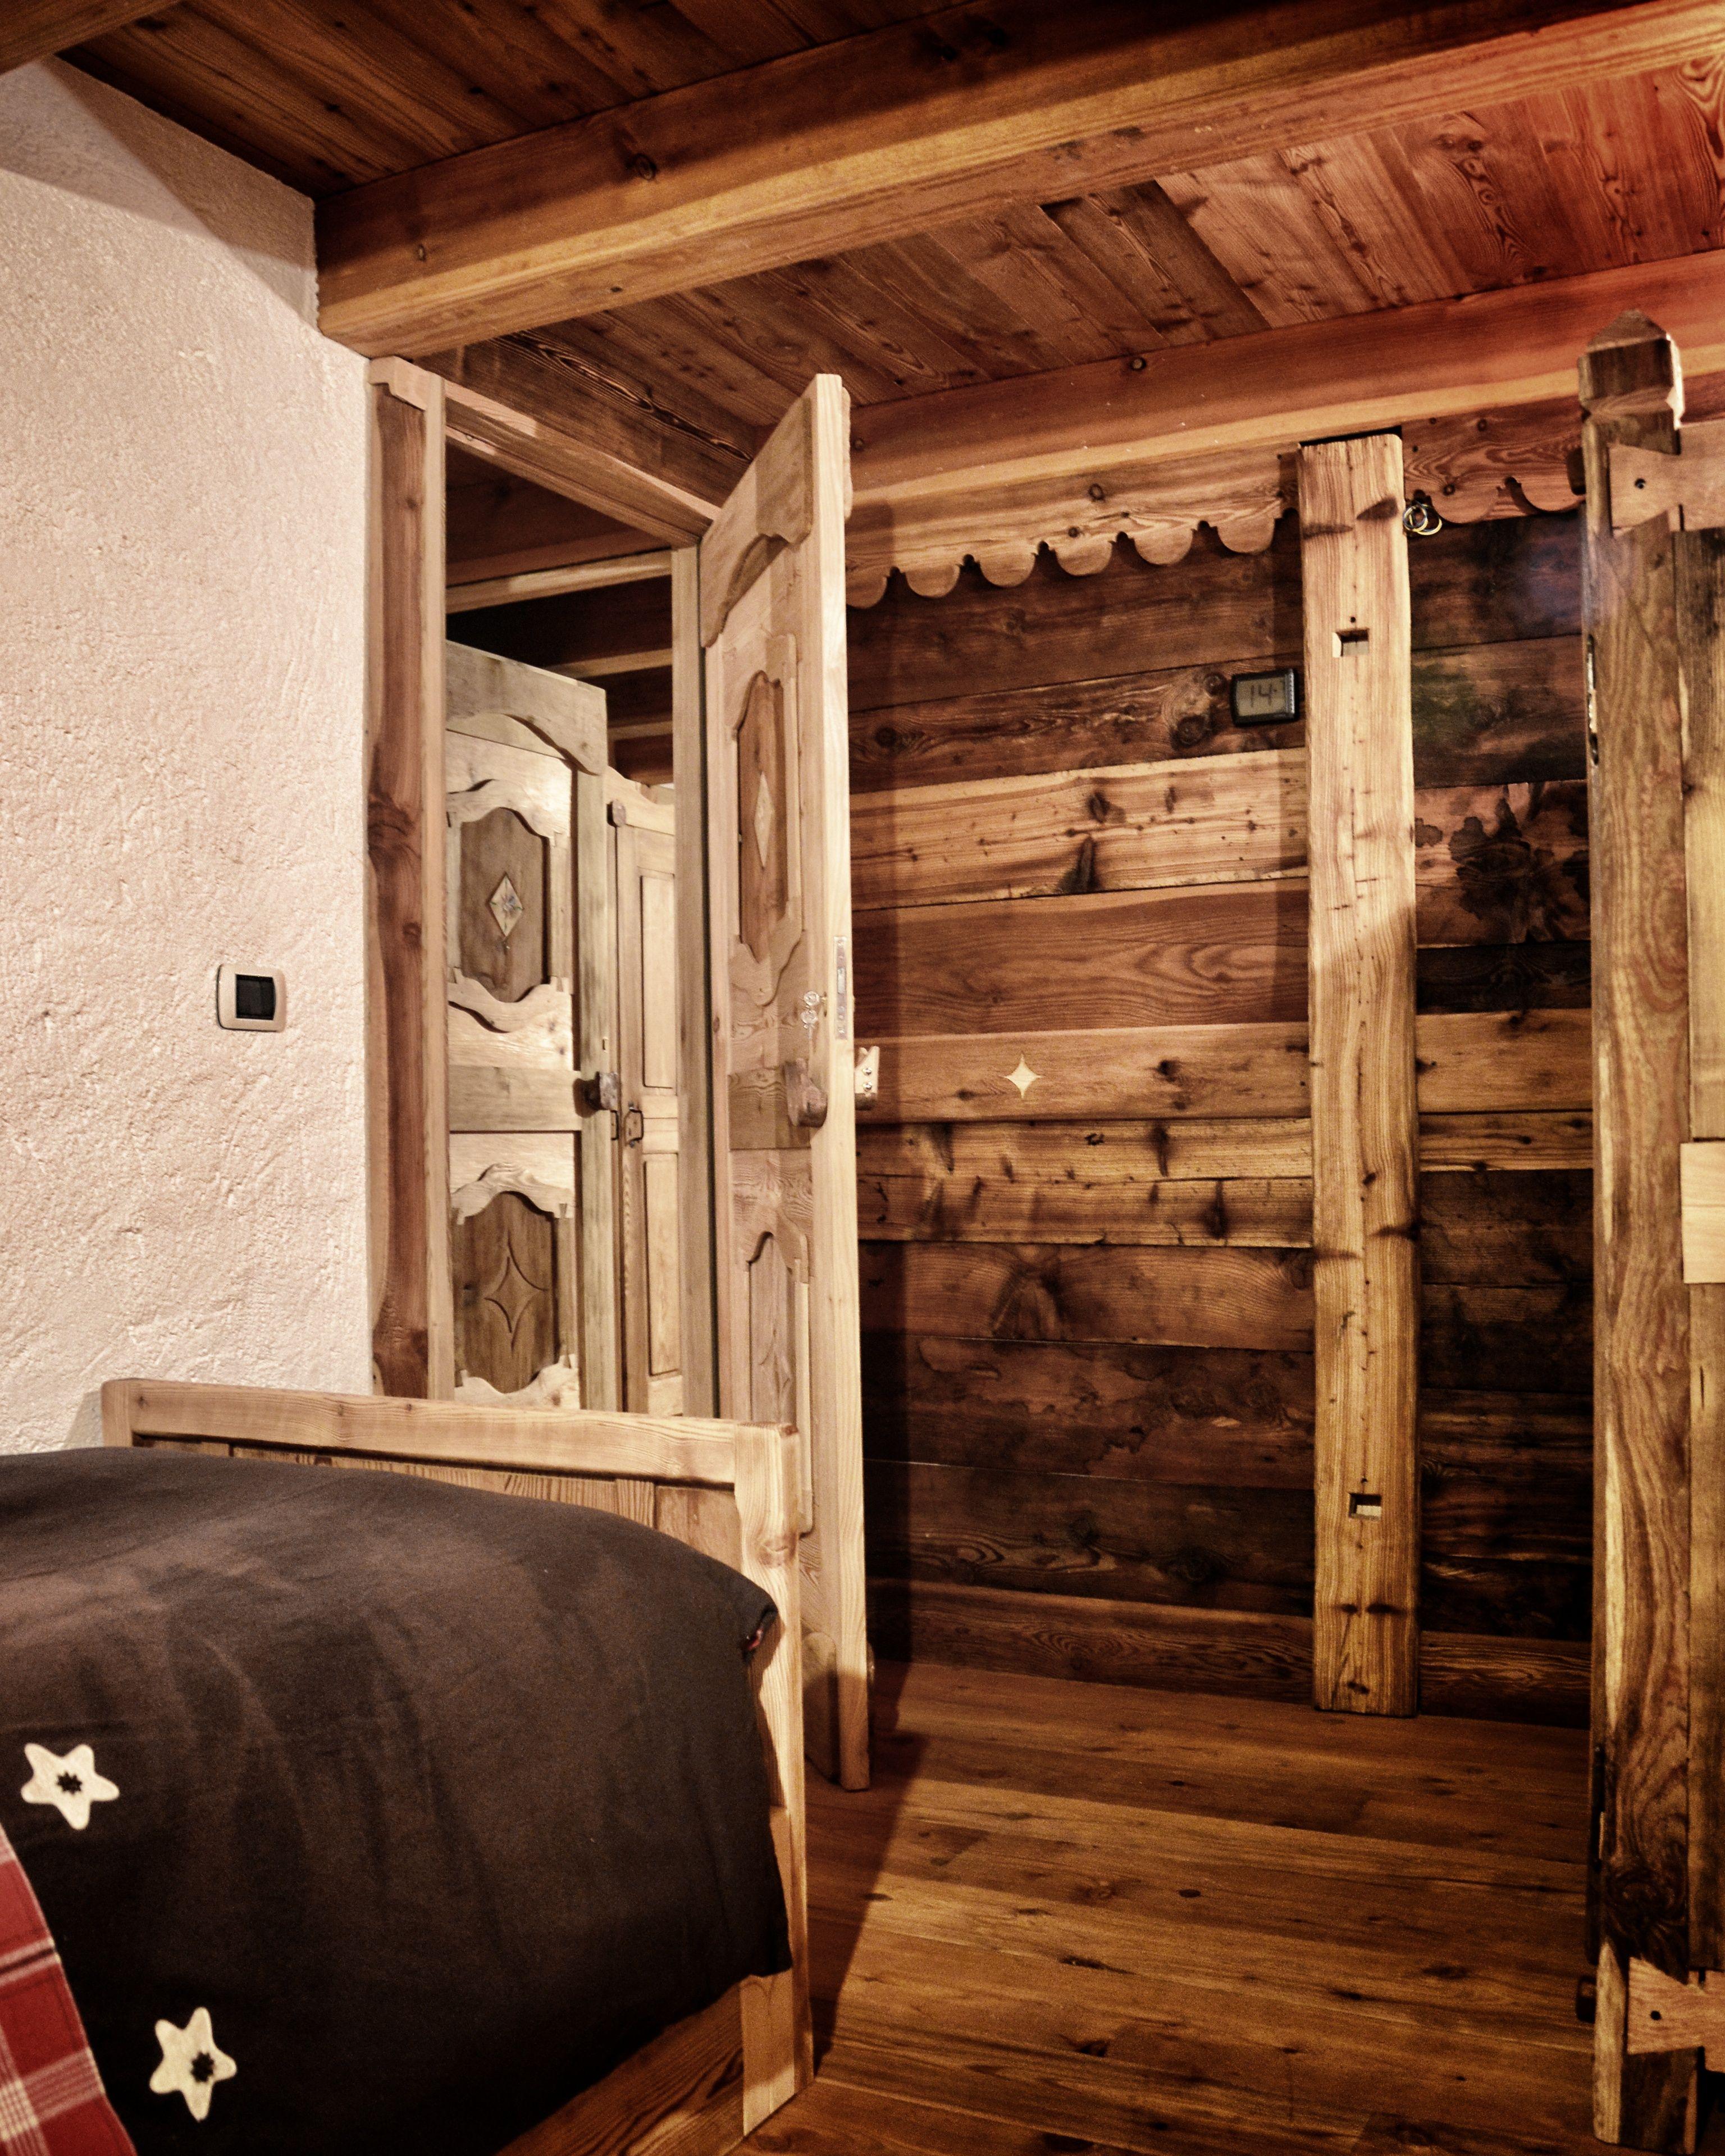 ingresso alla camera singola - ala destra